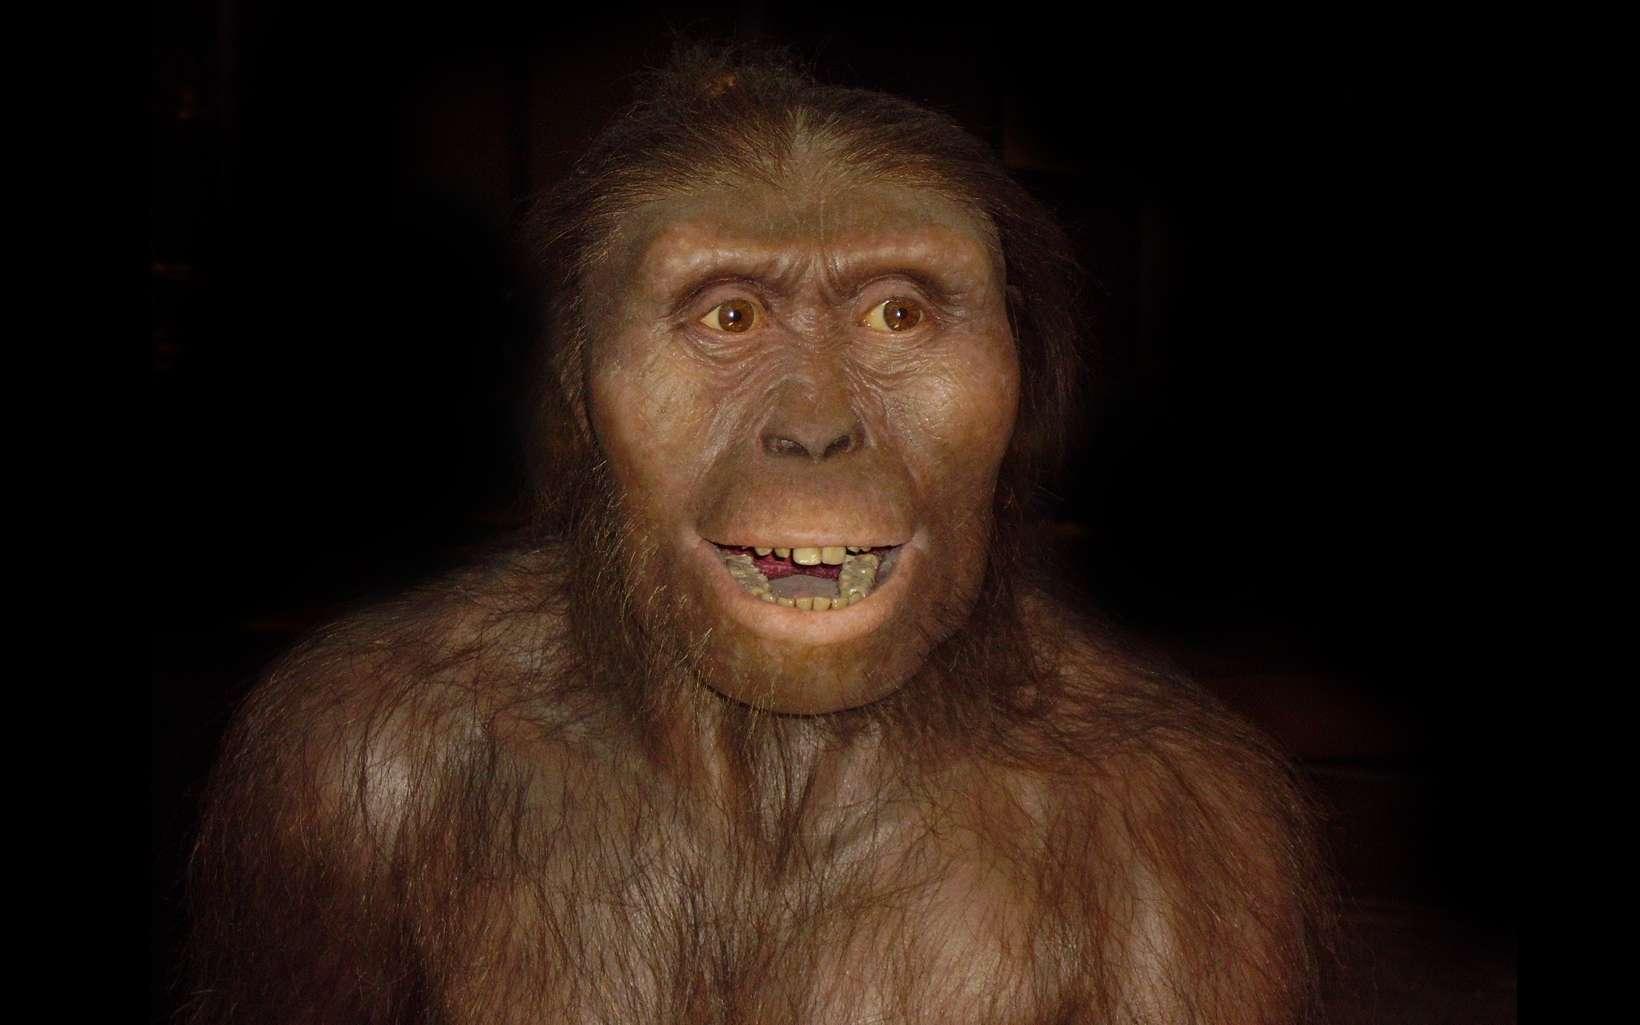 L'australopithèque le plus célèbre est Lucy. © Wikimedia Commons, CC asa 3.0